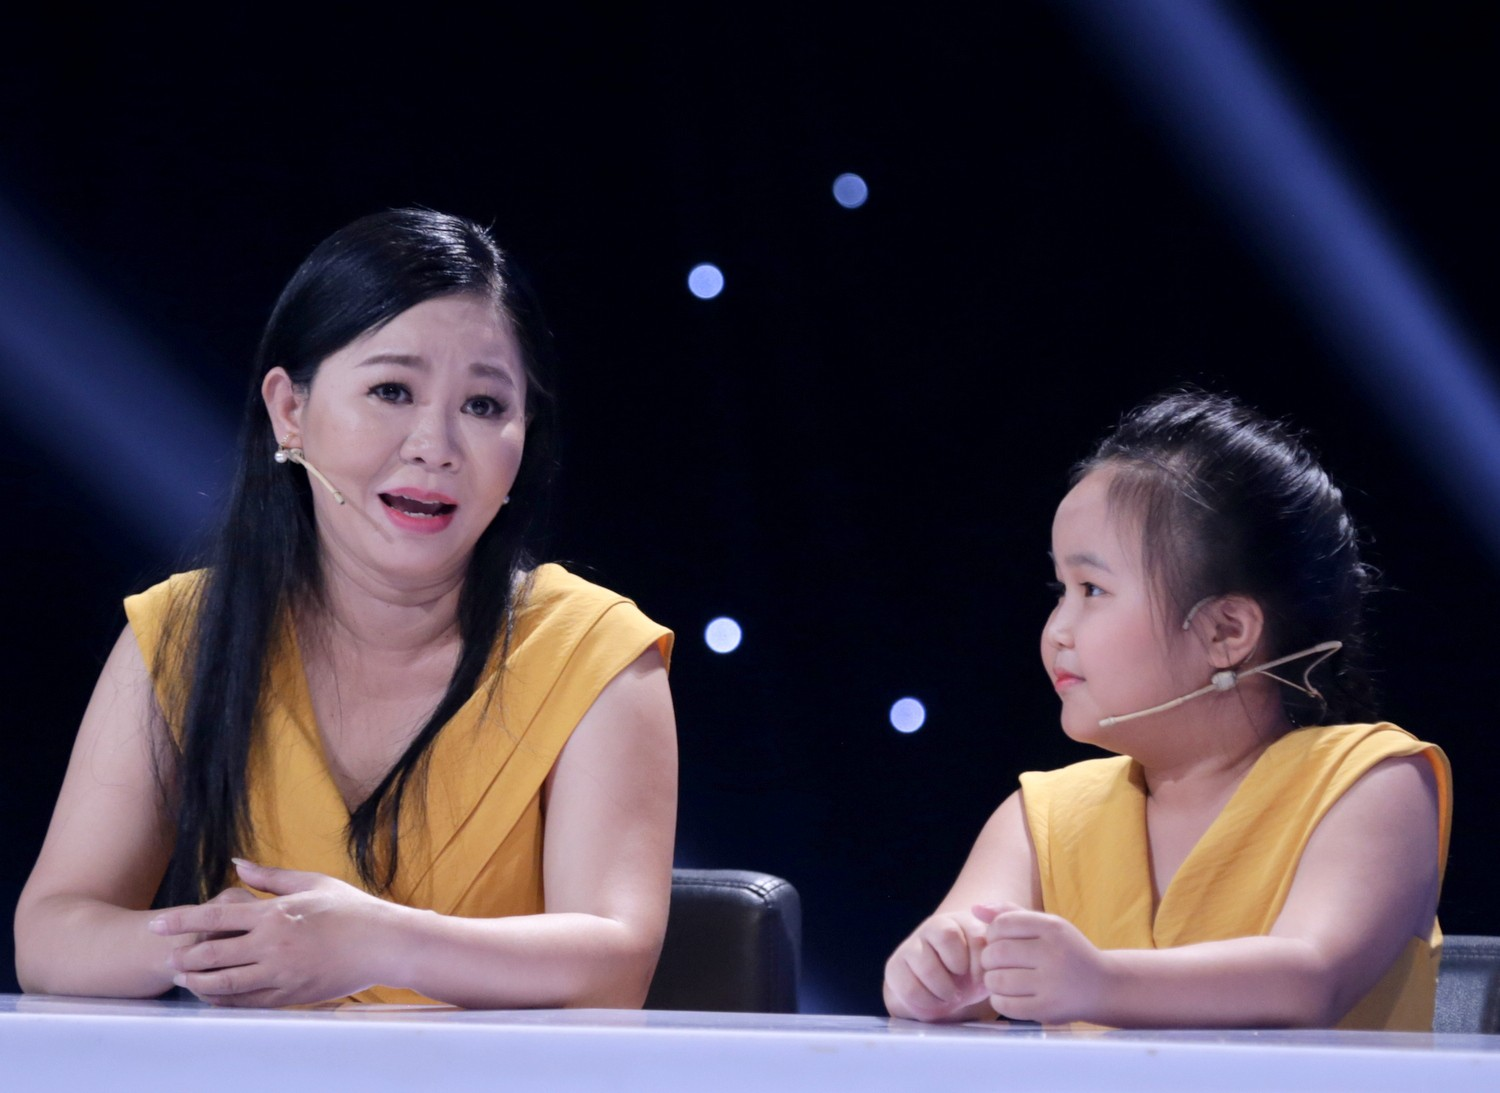 Diễn viên nhí Kim Thư và câu chuyện hiếu thảo từ phim đến đời thực - Ảnh 2.